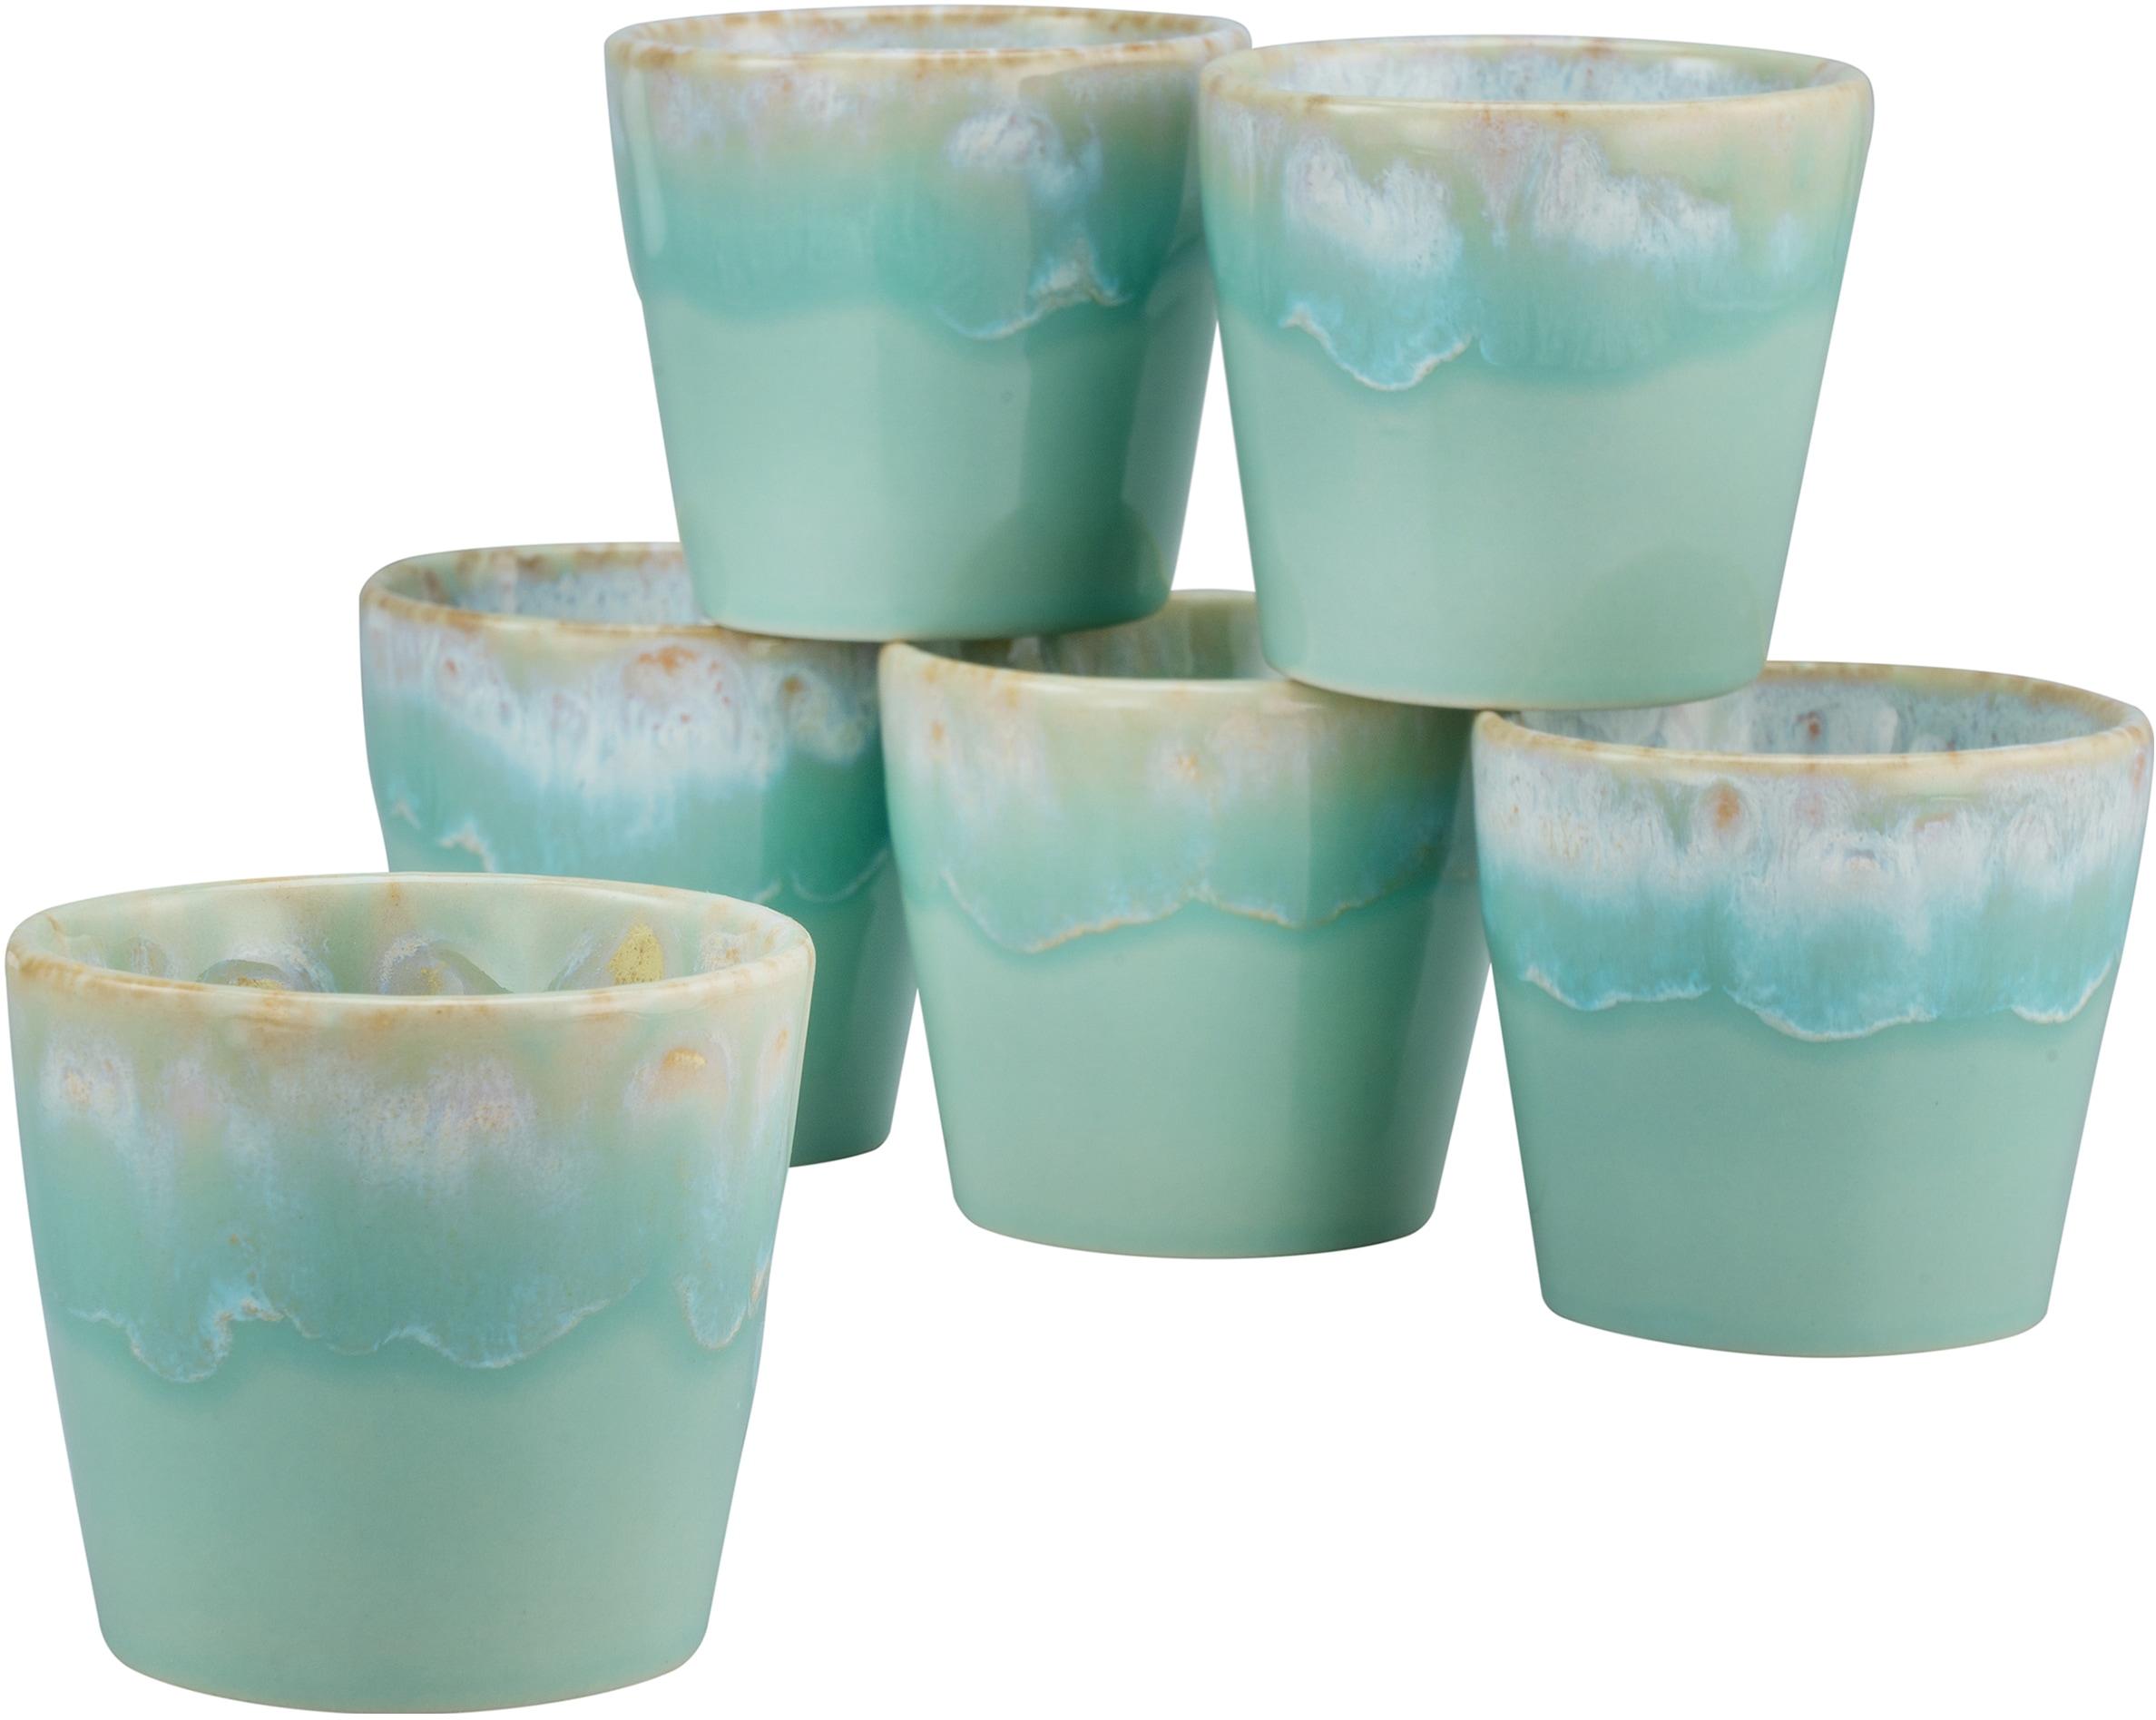 CreaTable Espressotasse Grespresso Espresso, (Set, 6 tlg.), 9 cl, 6-teilig blau Becher Tassen Geschirr, Porzellan Tischaccessoires Haushaltswaren